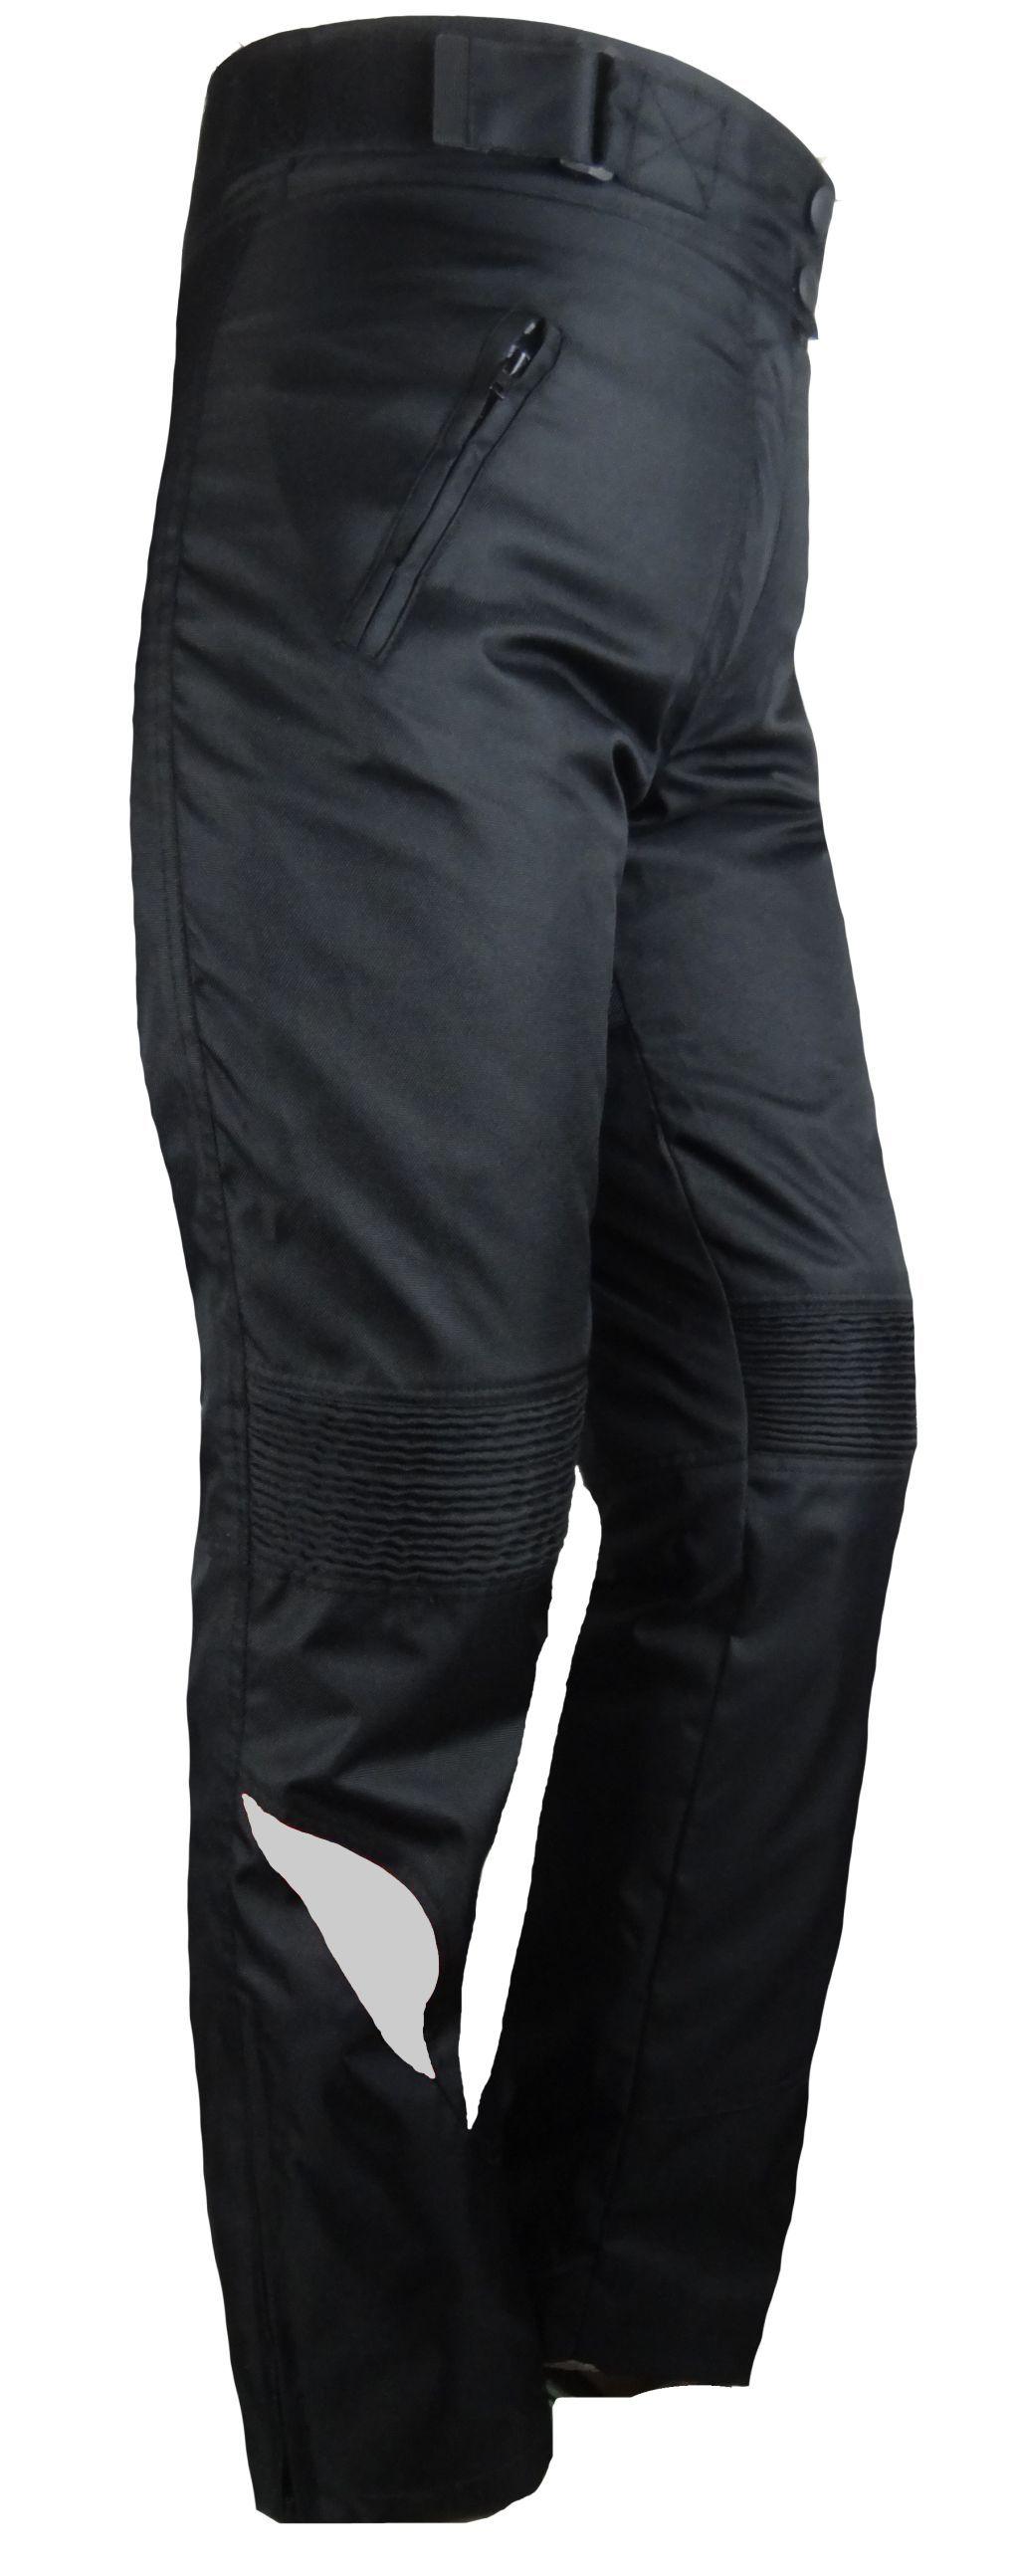 Damen Motorrad Cordura Textil Hose Schwarz mit Grau S - 4 XL